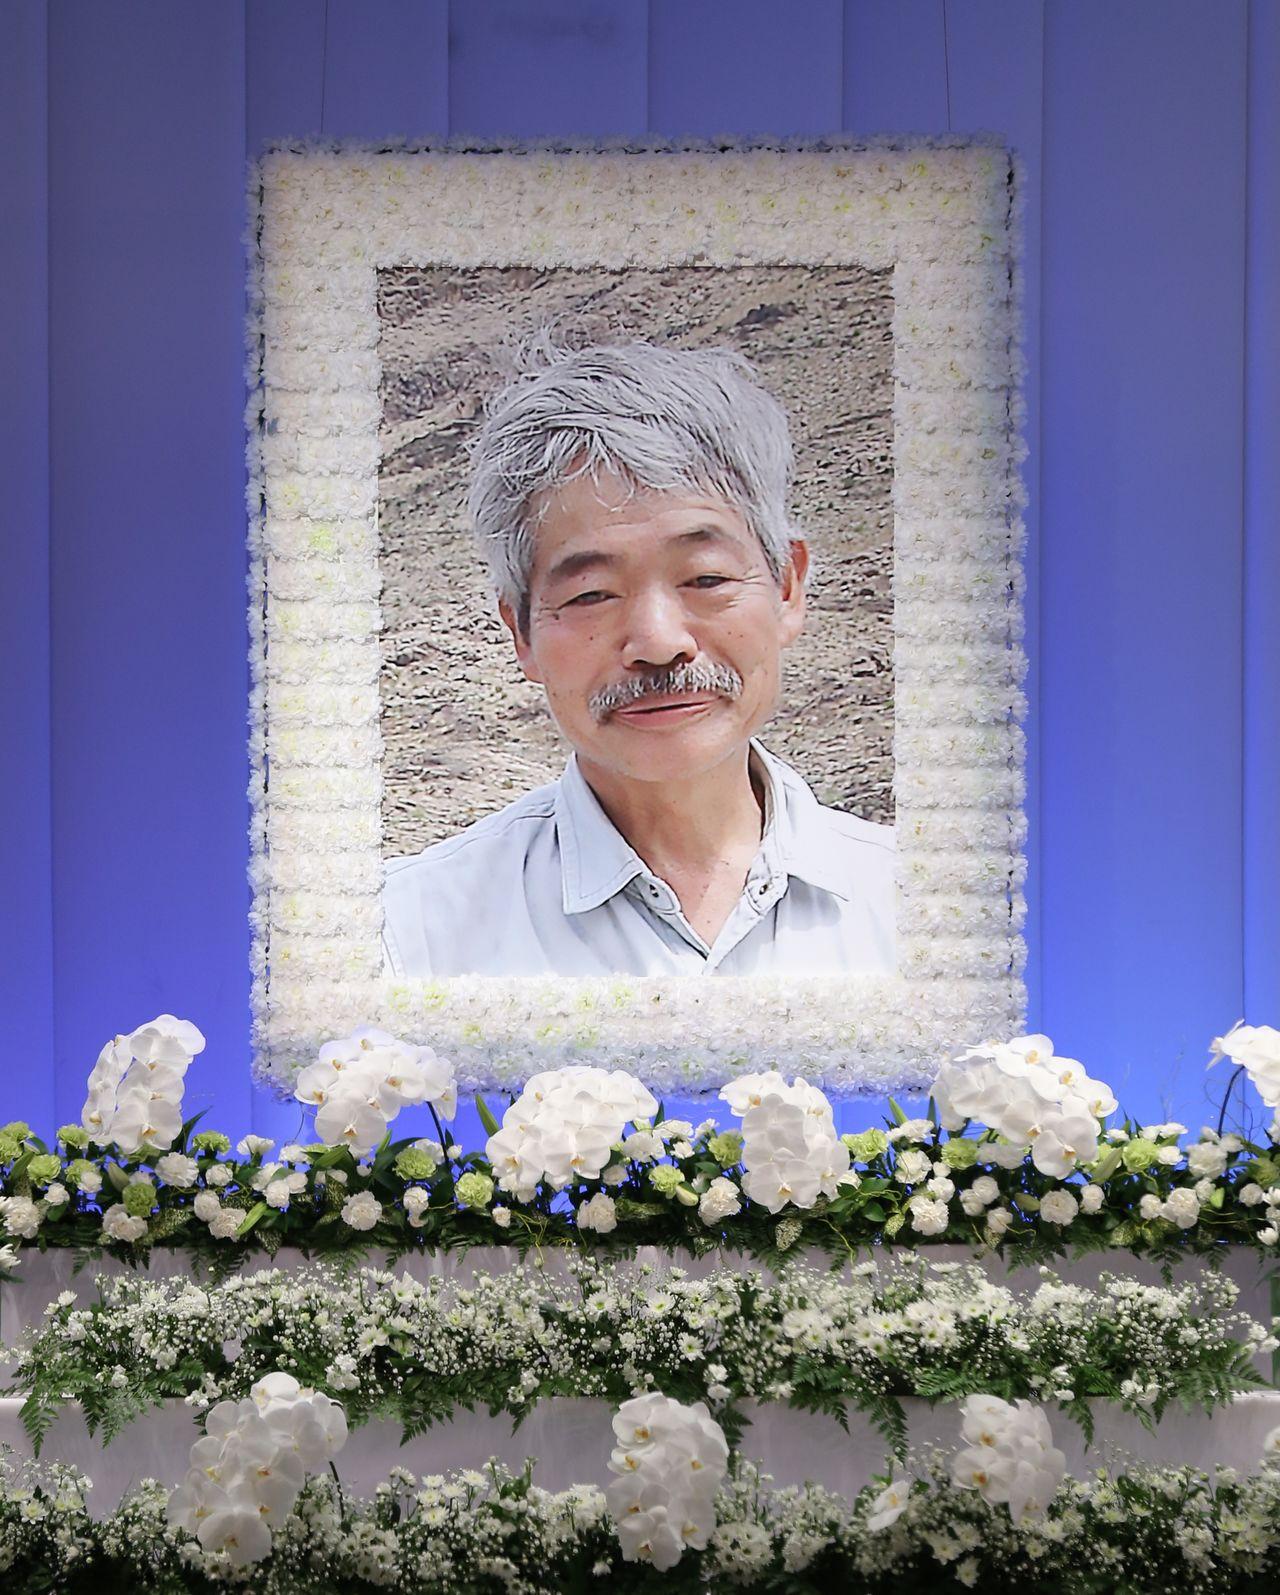 斎場に飾られた、アフガニスタンで殺害されたNGO「ペシャワール会」現地代表の医師中村哲さんの遺影=2019年12月11日、福岡(時事)